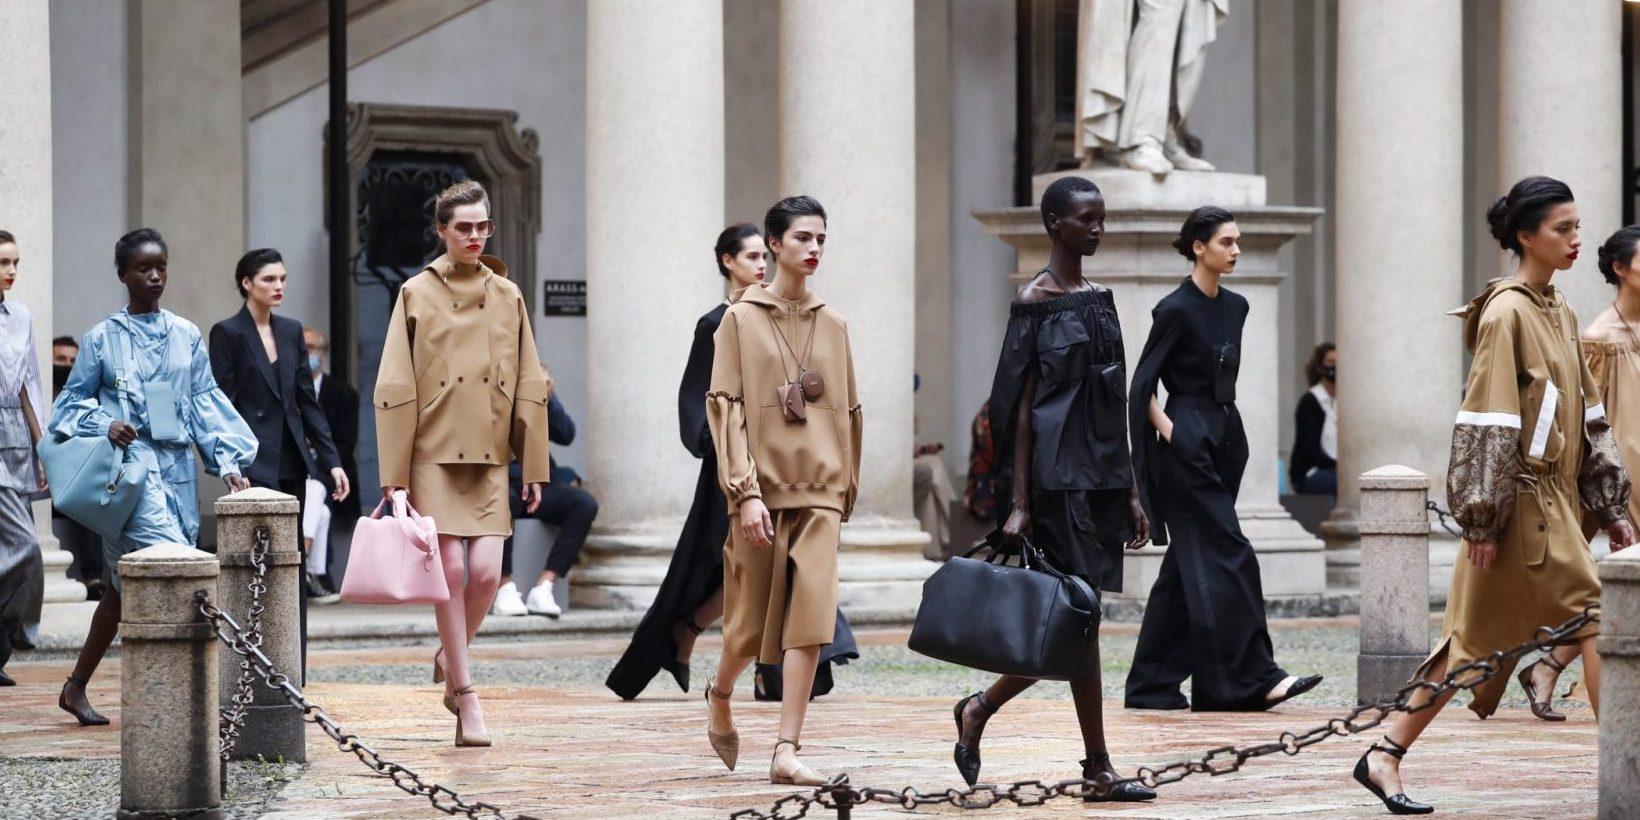 Το show του οίκου Max Mara στην Εβδομάδα Μόδας του Μιλάνου